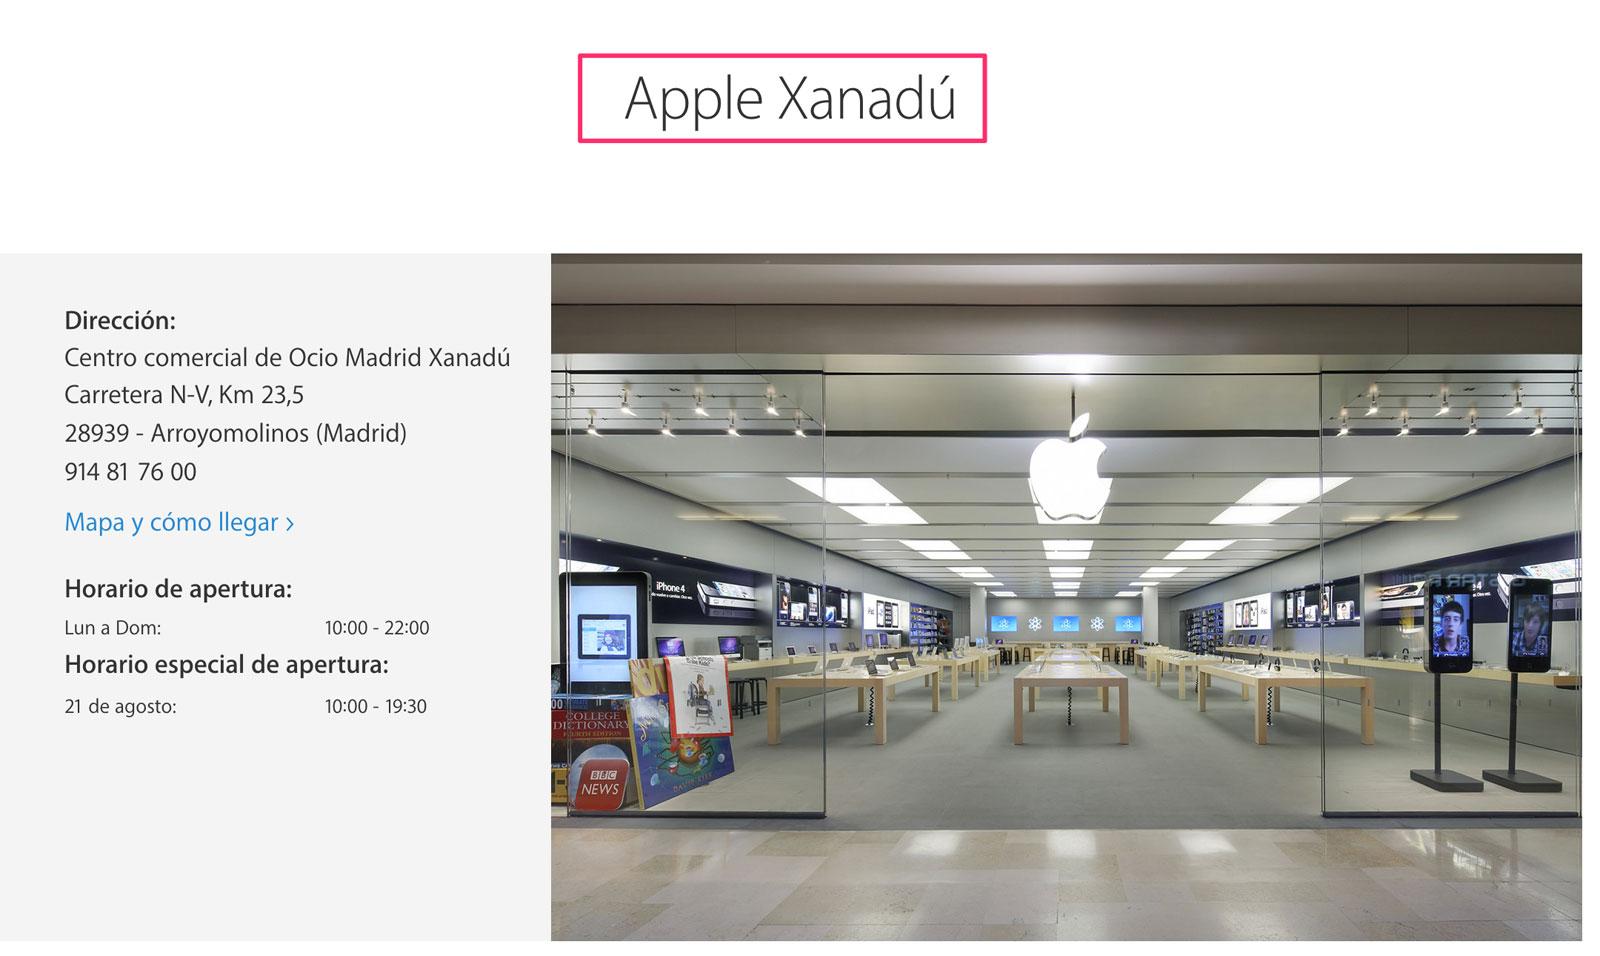 Página de Apple Xanadú